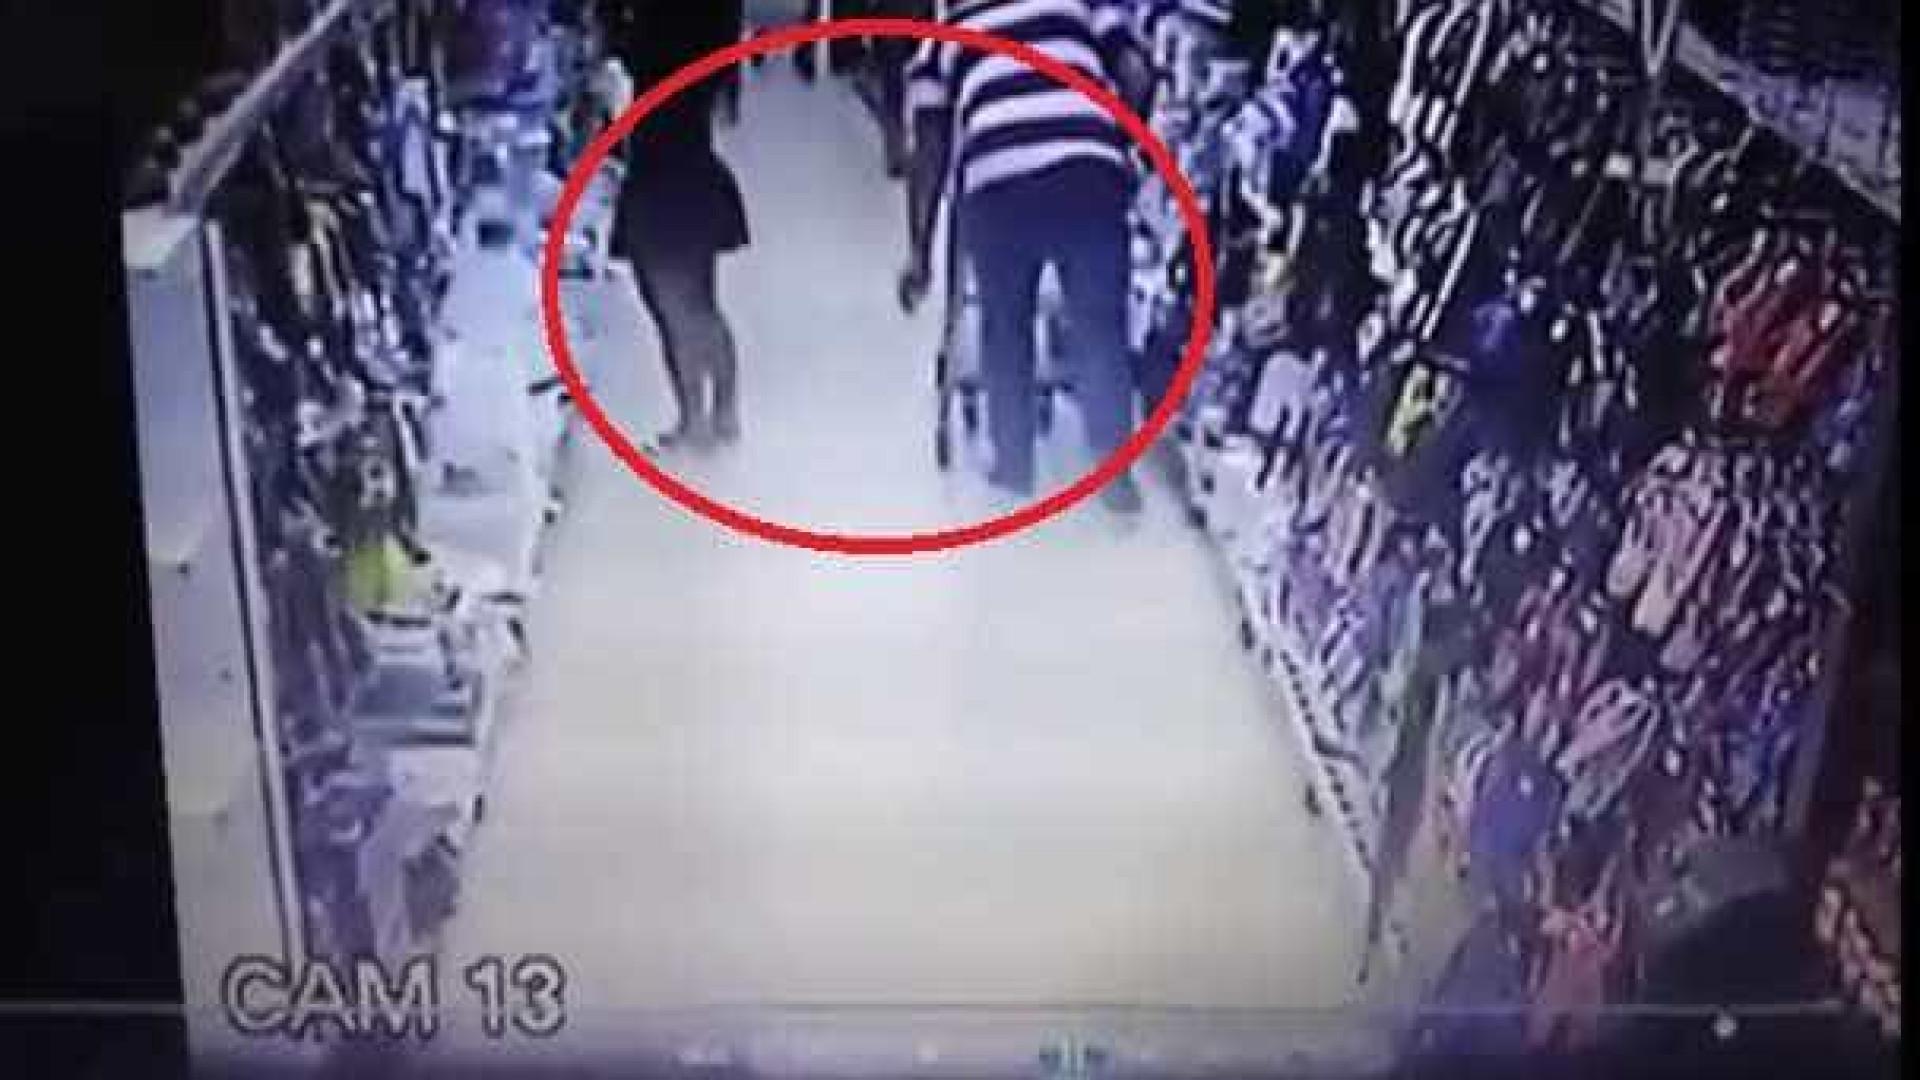 Em supermercado, mulher acusa homem de filmá-la por baixo da saia